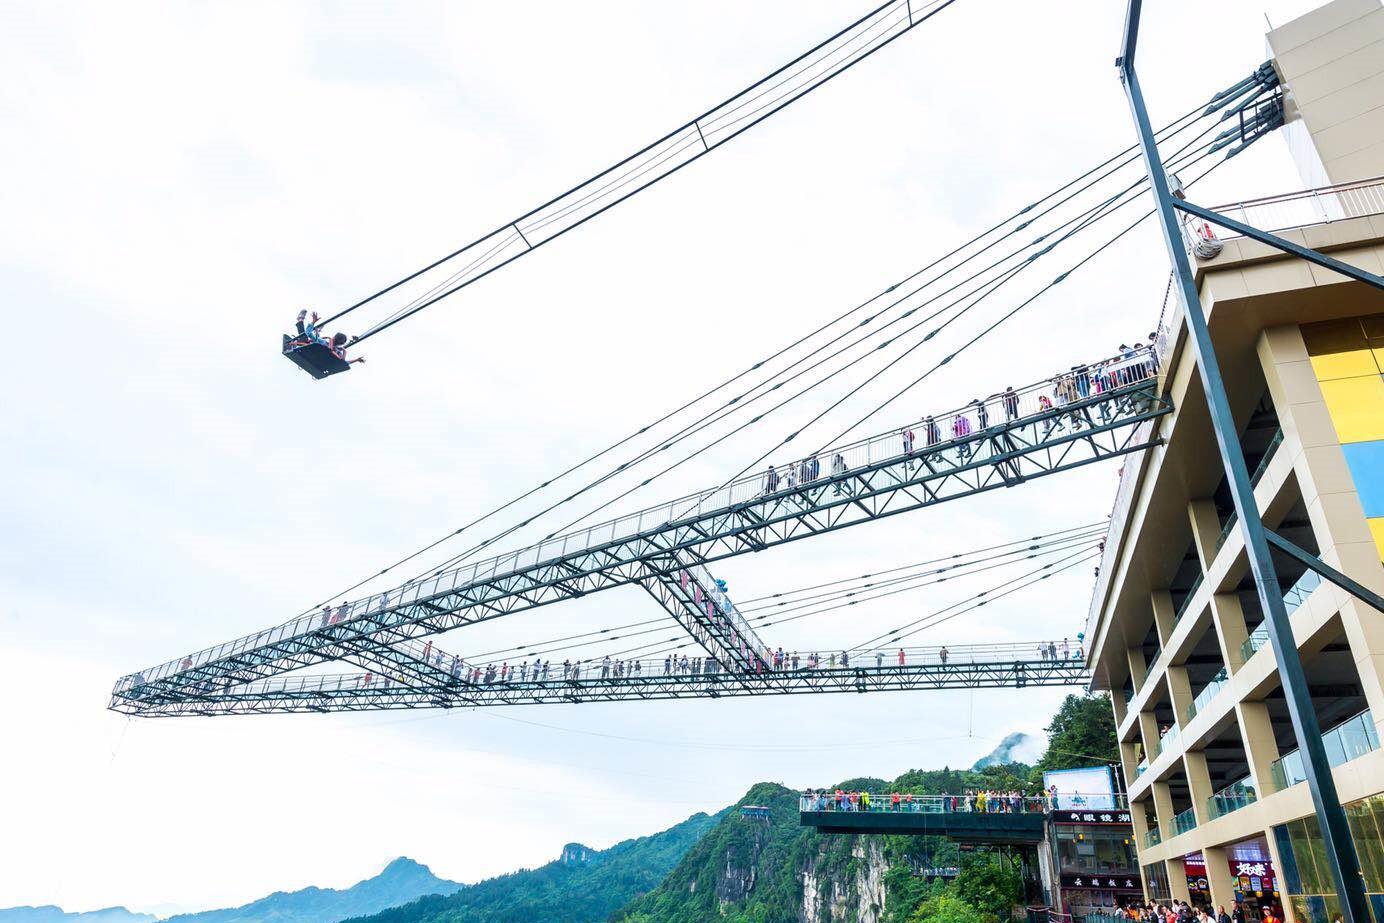 重庆网红景点奥陶纪,天空之城里的游乐场(比张家界玻璃栈桥恐怖多了)